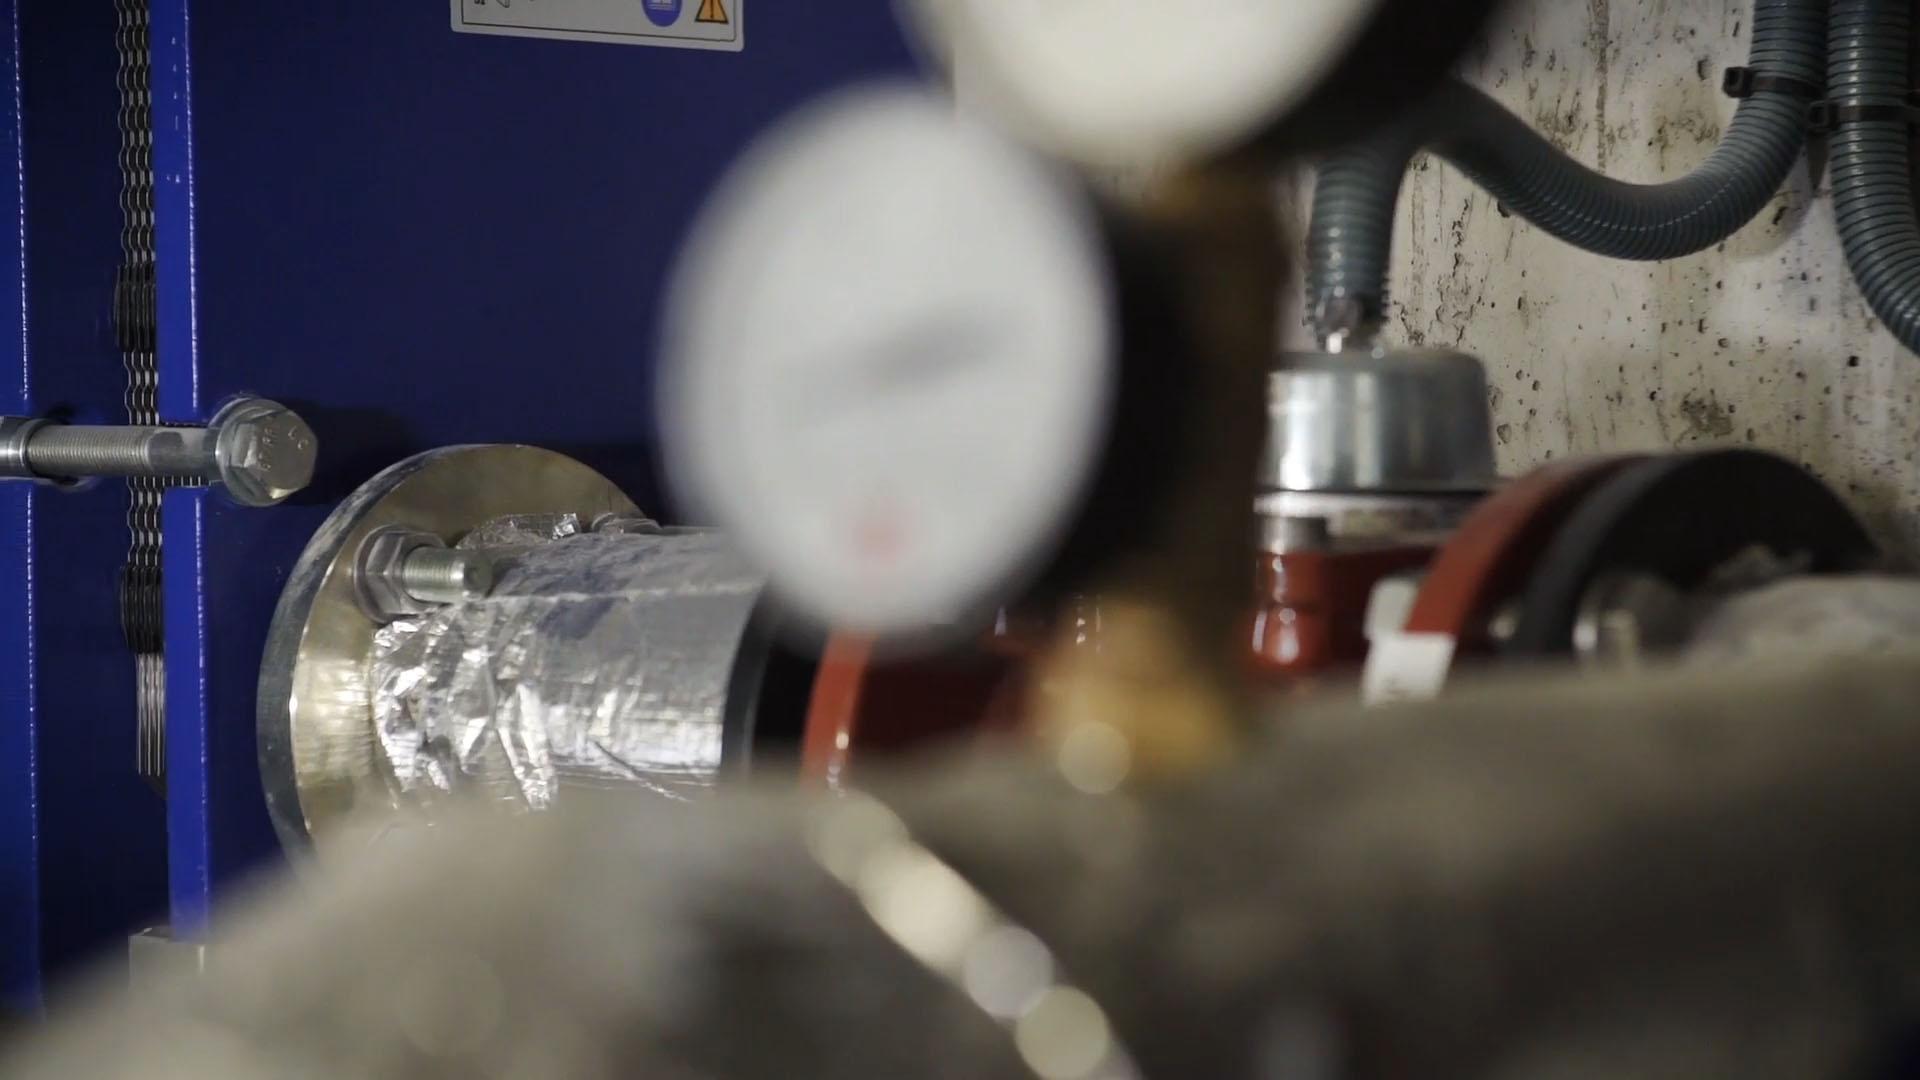 Intercambiador de calor: ¿qué es y para qué sirve?